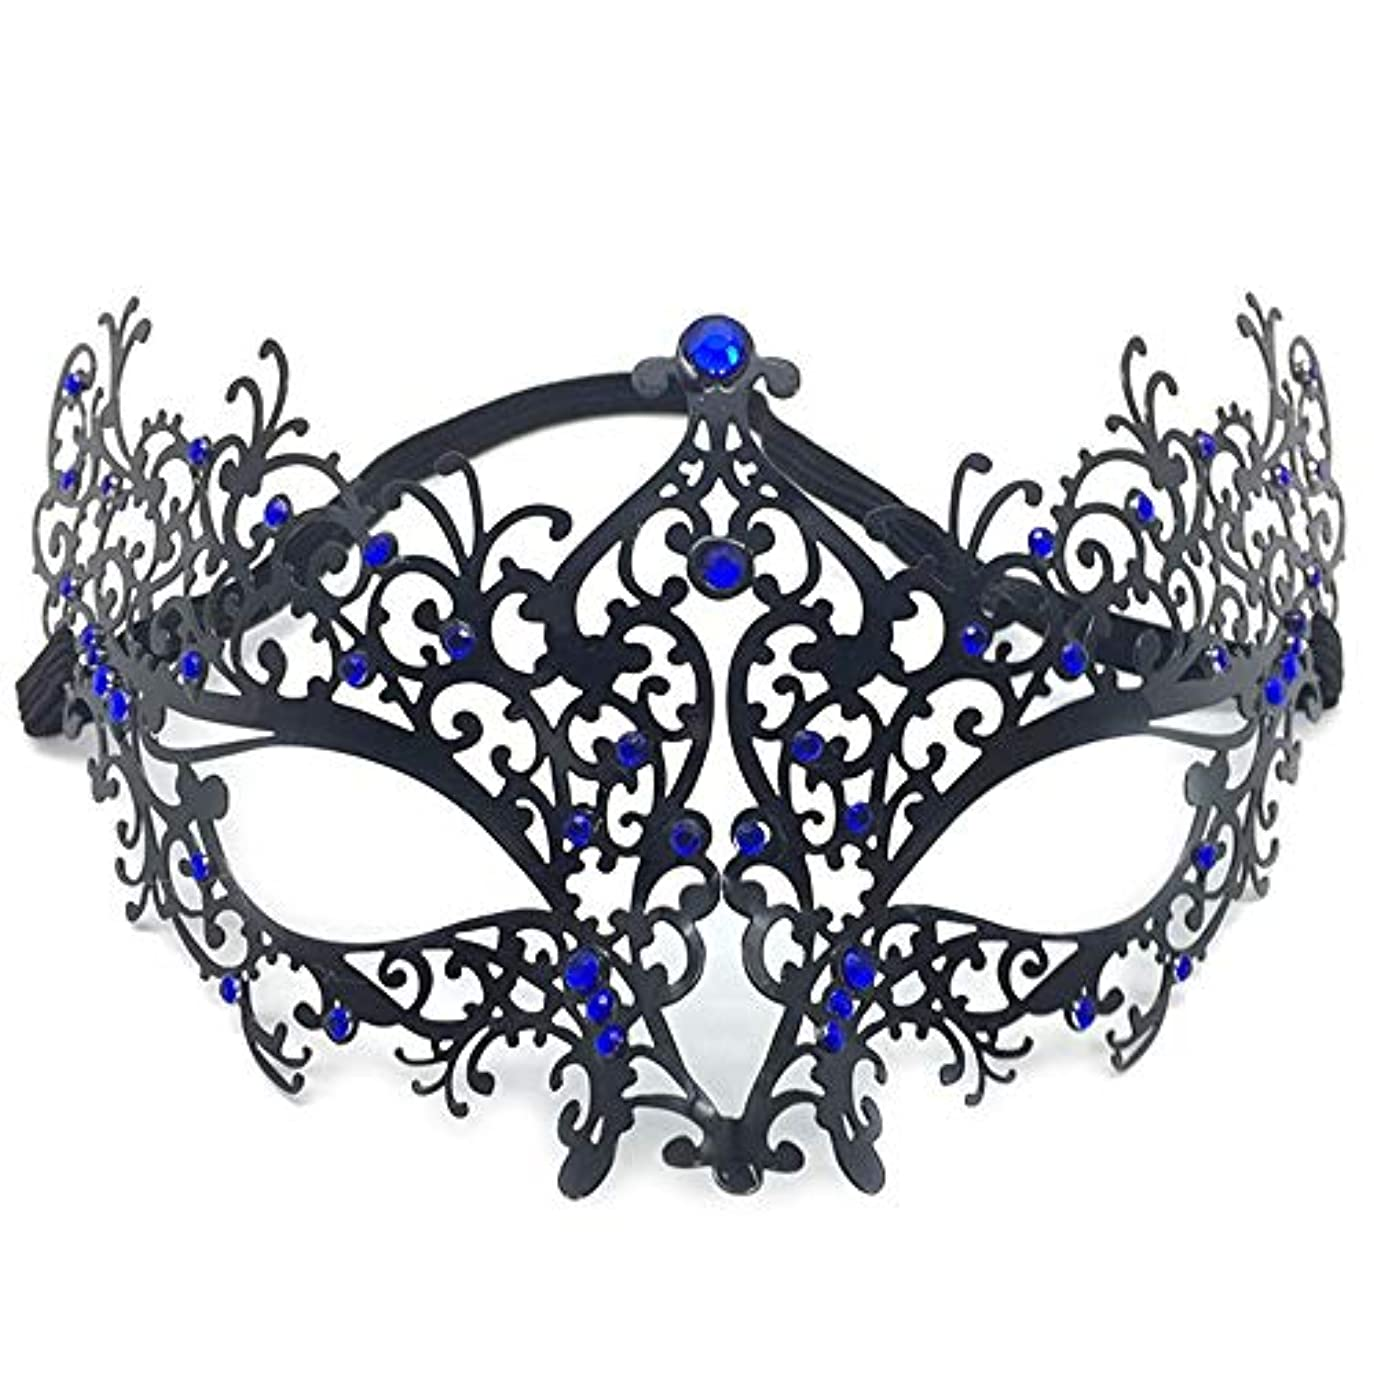 空の手数料私たちのもの仮面舞踏会アイアンマスクパーティーCOSはメタリックダイヤモンドハーフフェイスハロウィンアイアンマスクをドレスアップ (Color : B)